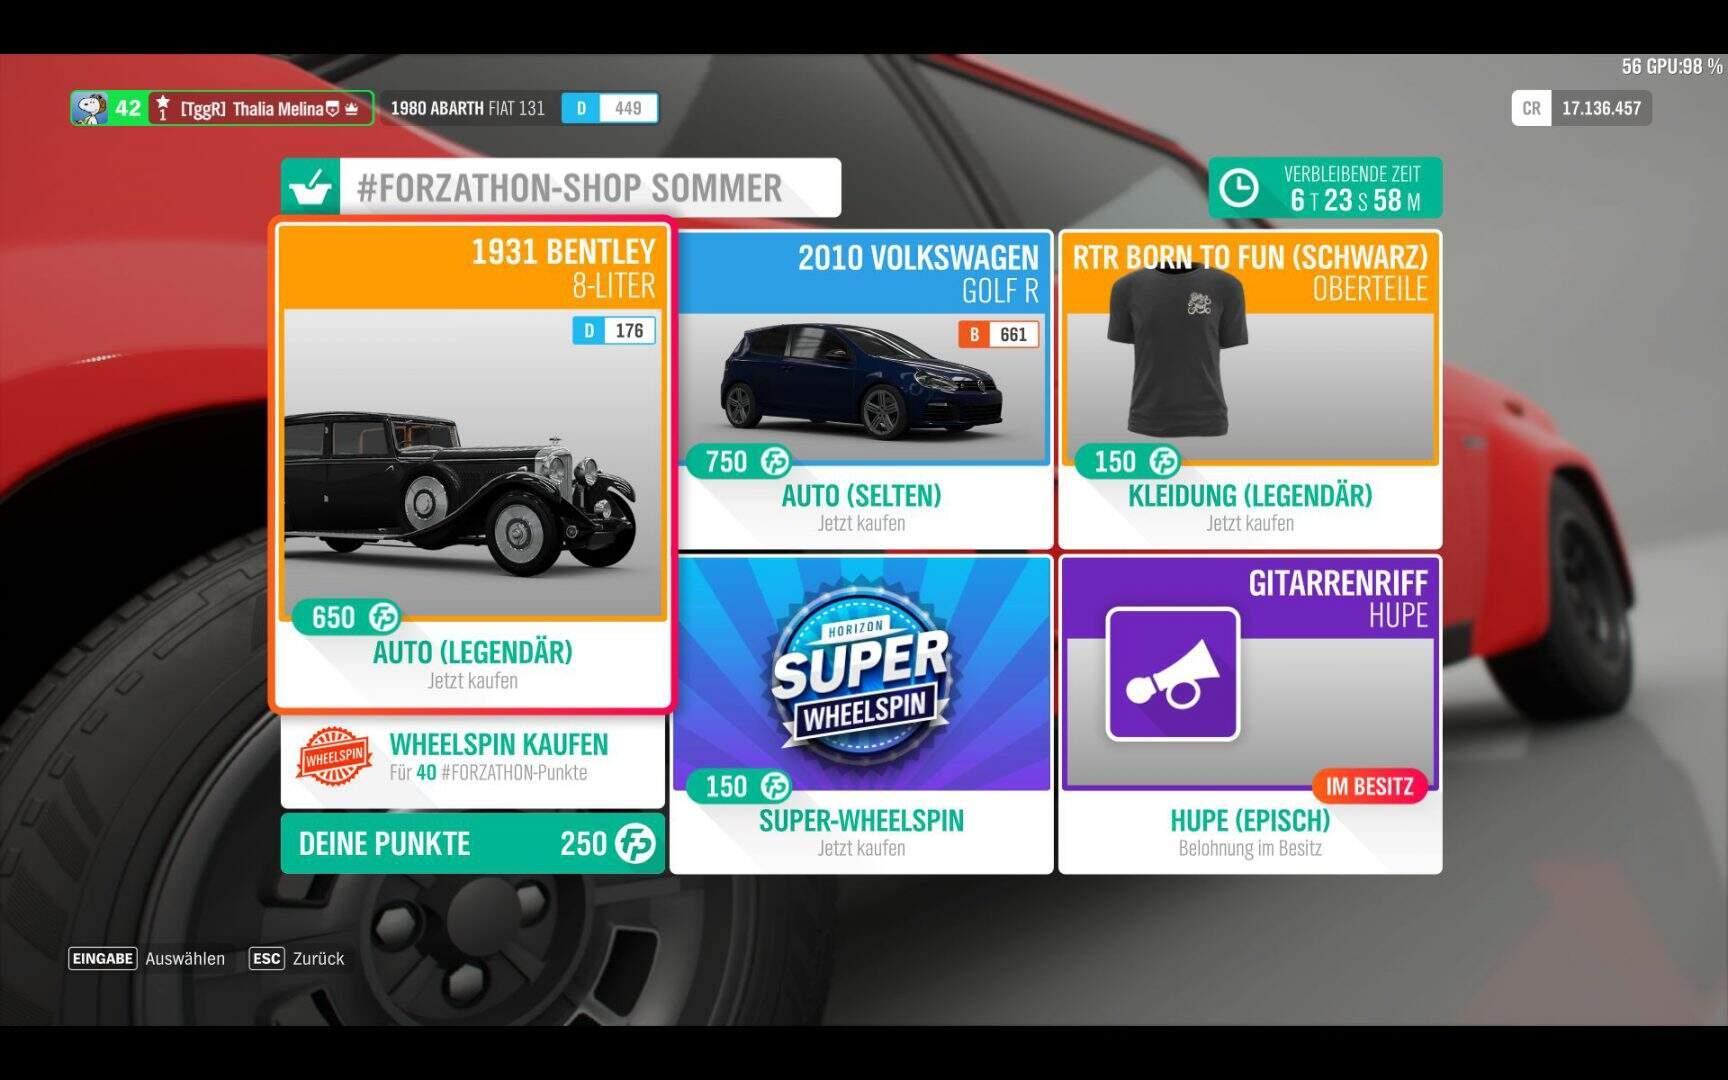 Forza Horizon 4 #Forzathon Shop KW 11 / 2019